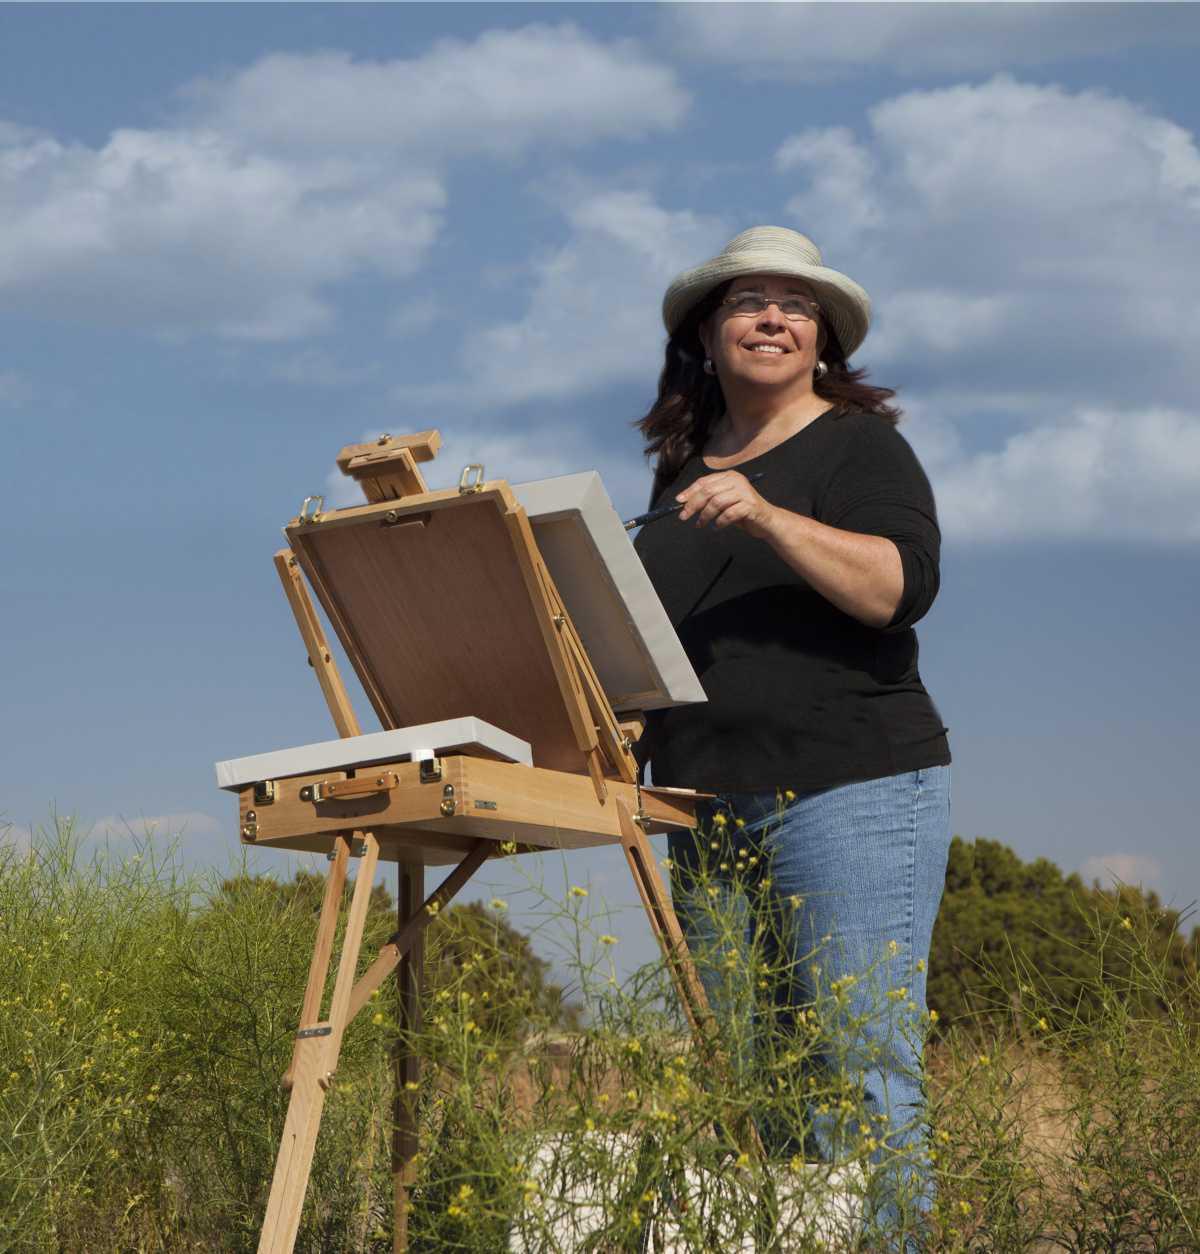 About the Erica Elliott Art Fund